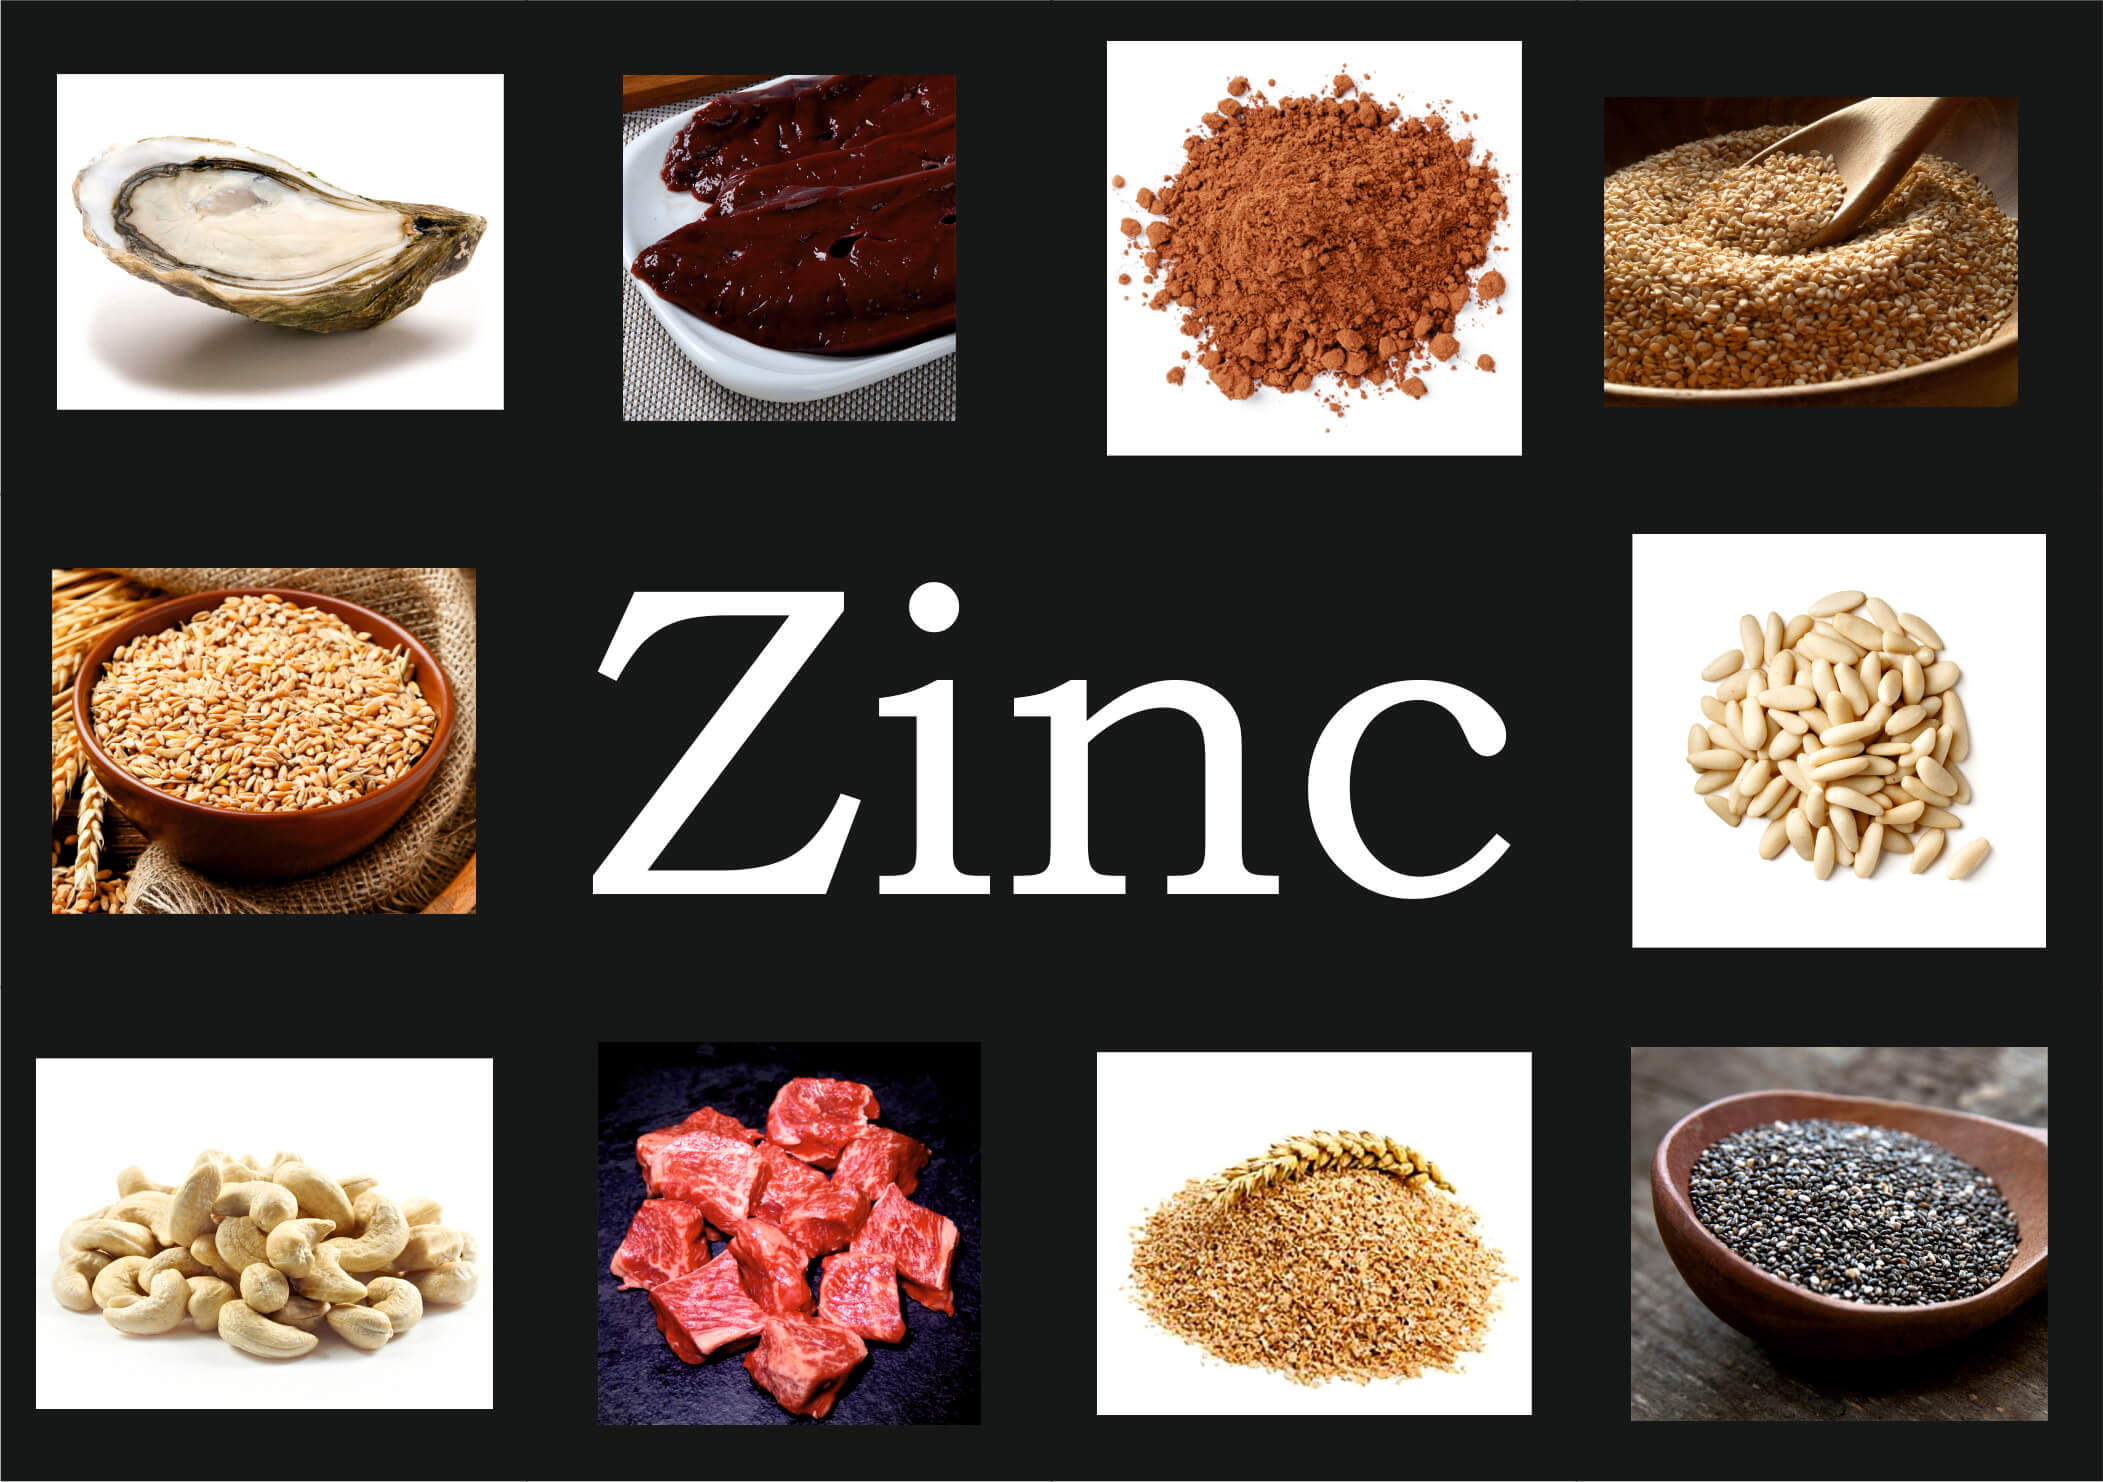 en que comida esta el zinc